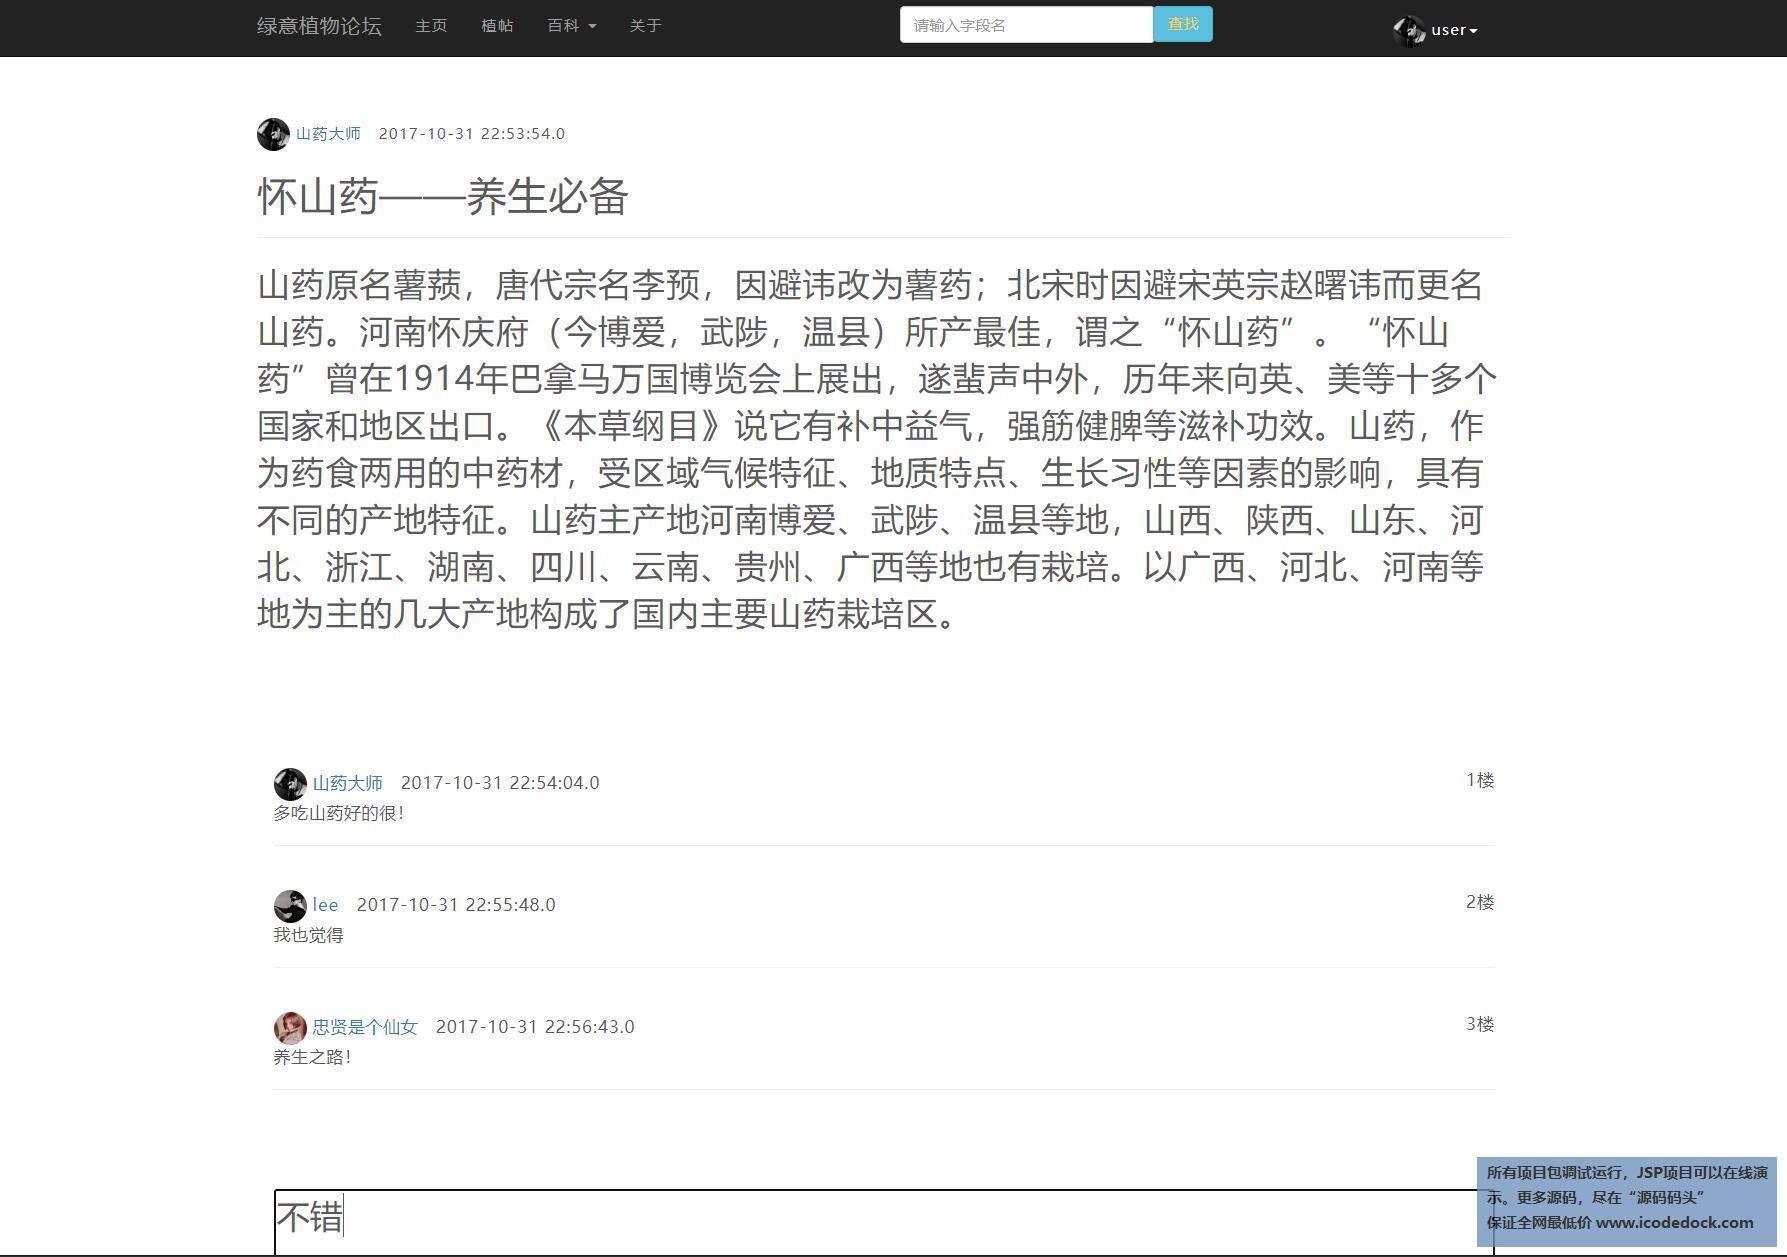 源码码头-JSP植物知识分享论坛系统-用户角色-评论文章